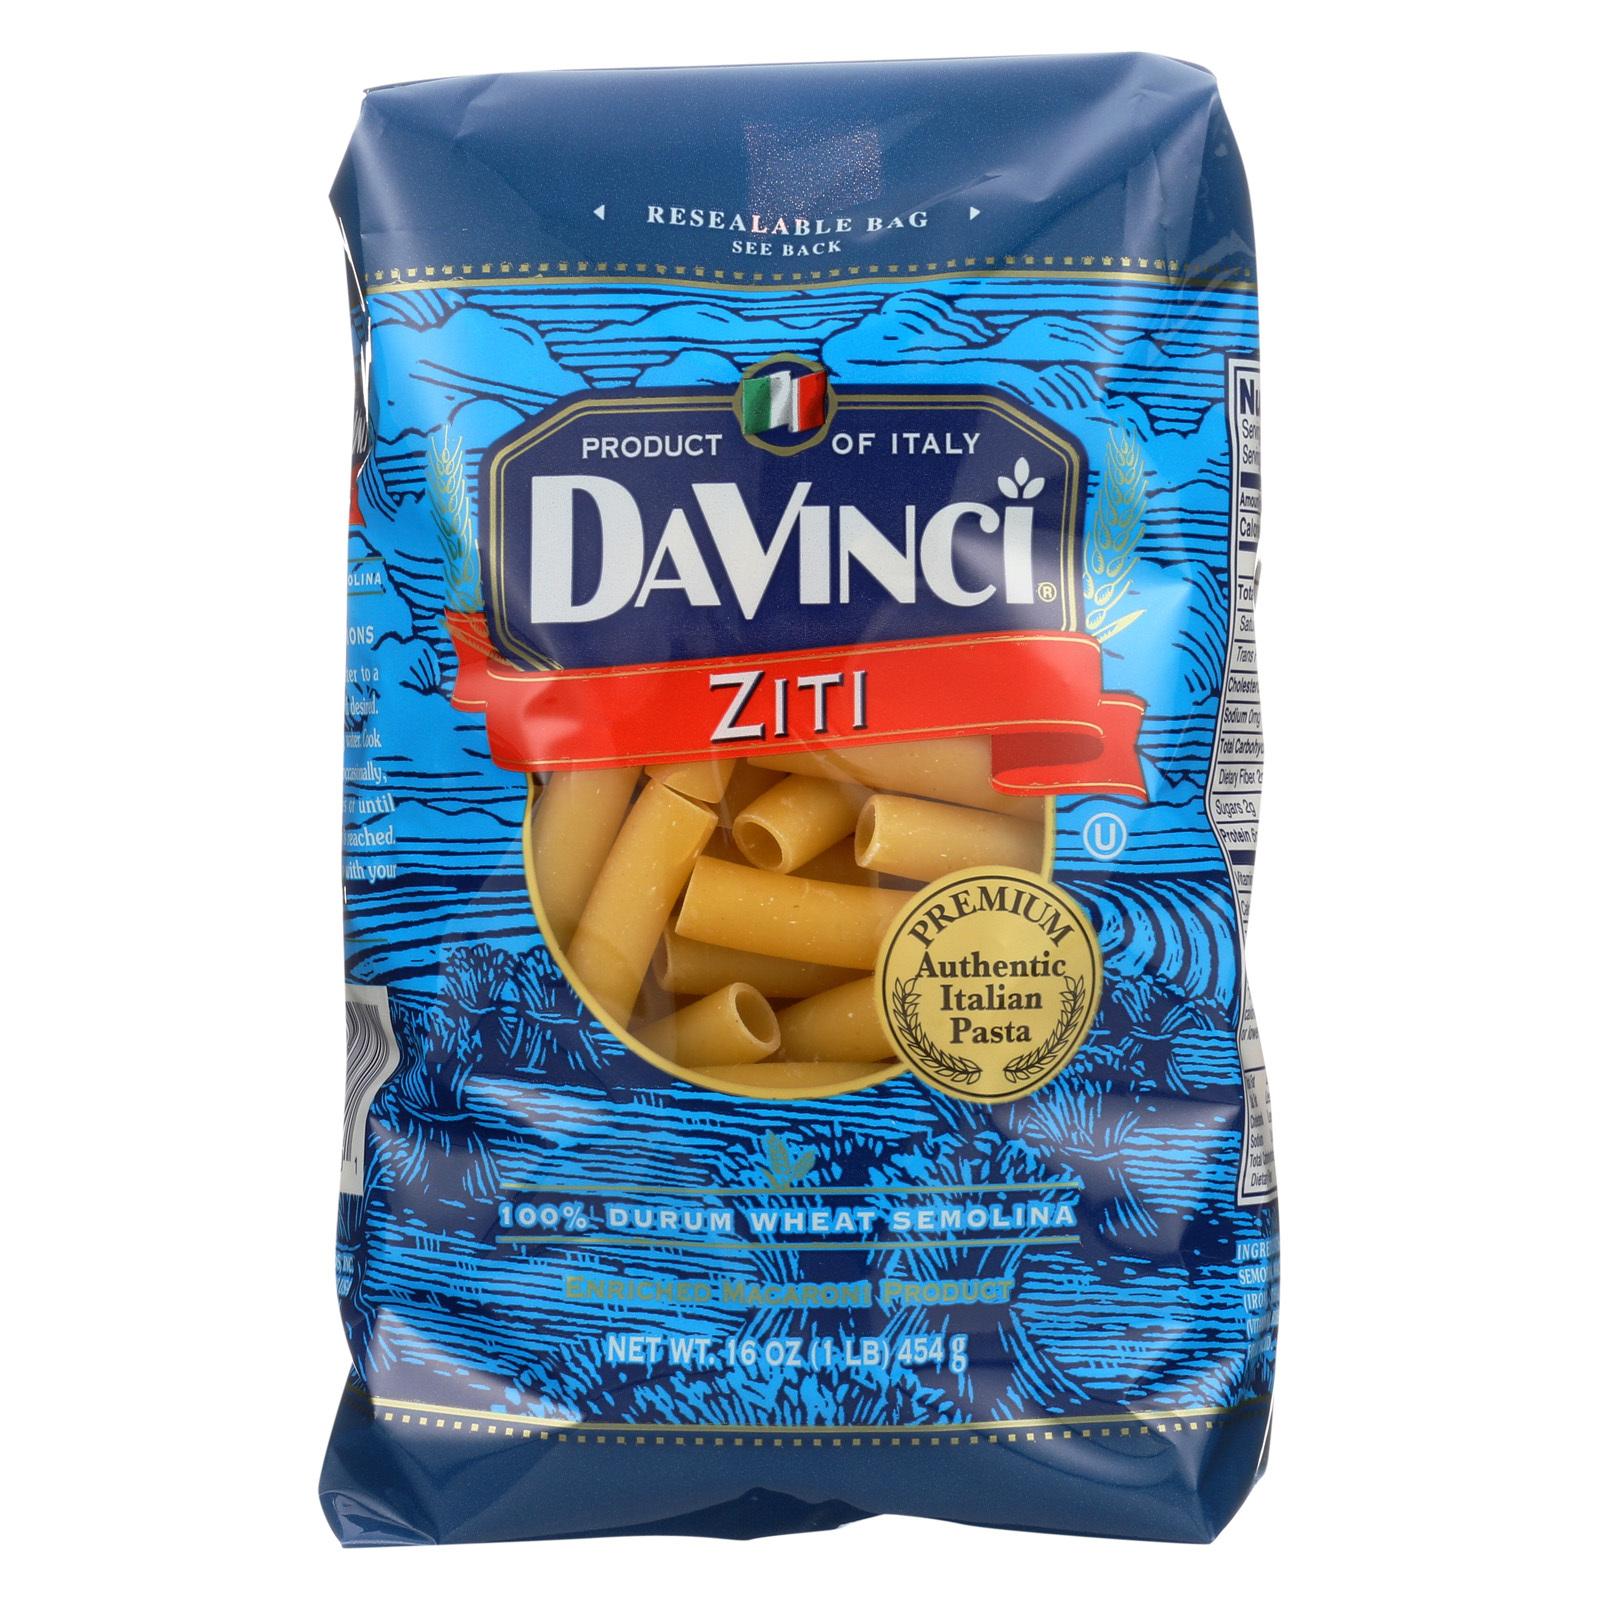 DaVinci Cut Ziti Pasta - Case of 12 - 1 lb.